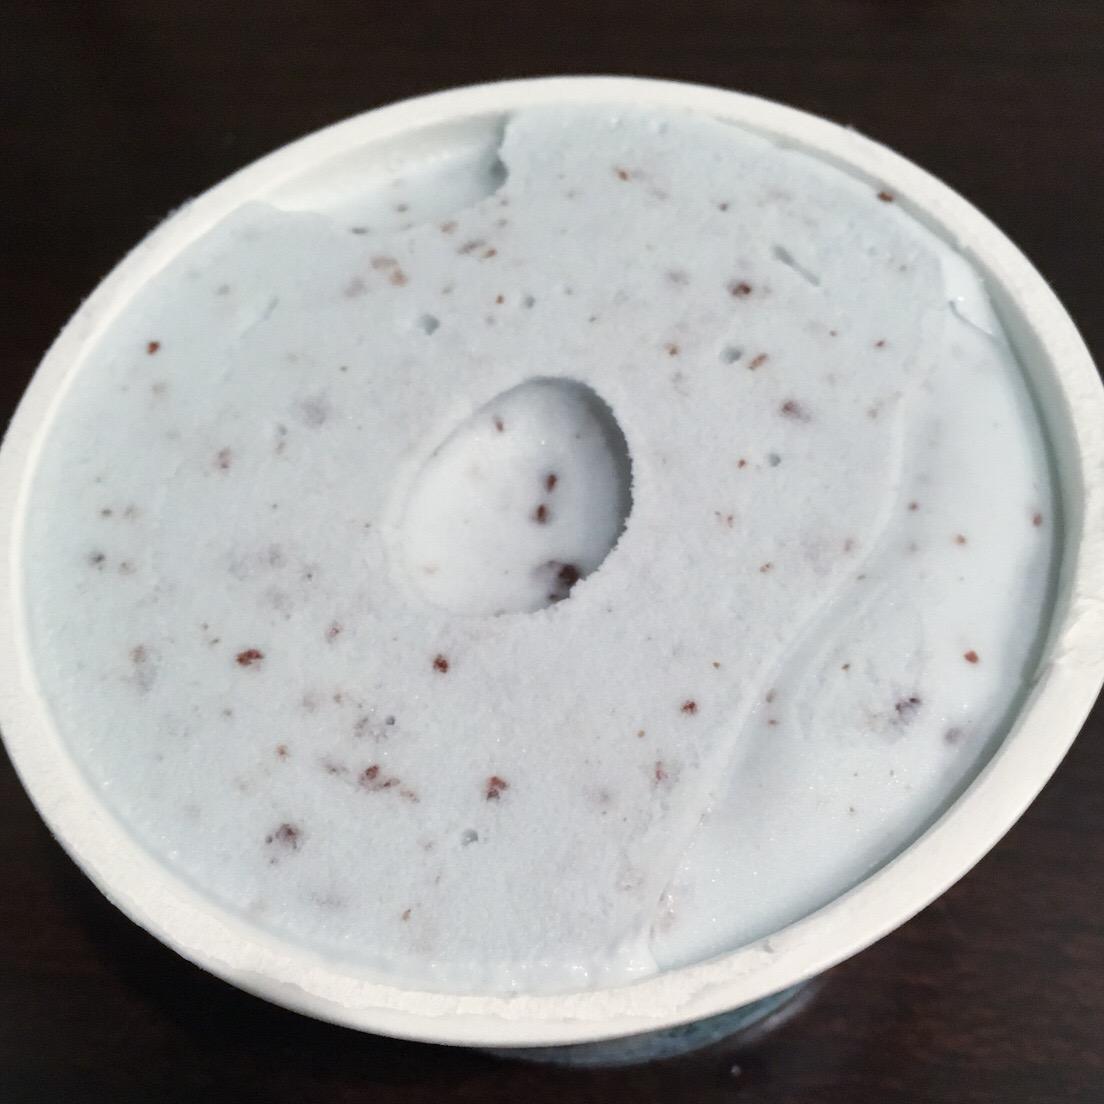 「ぎっしり満足チョコミント」たしかに半端ない量のチョコミントアイス